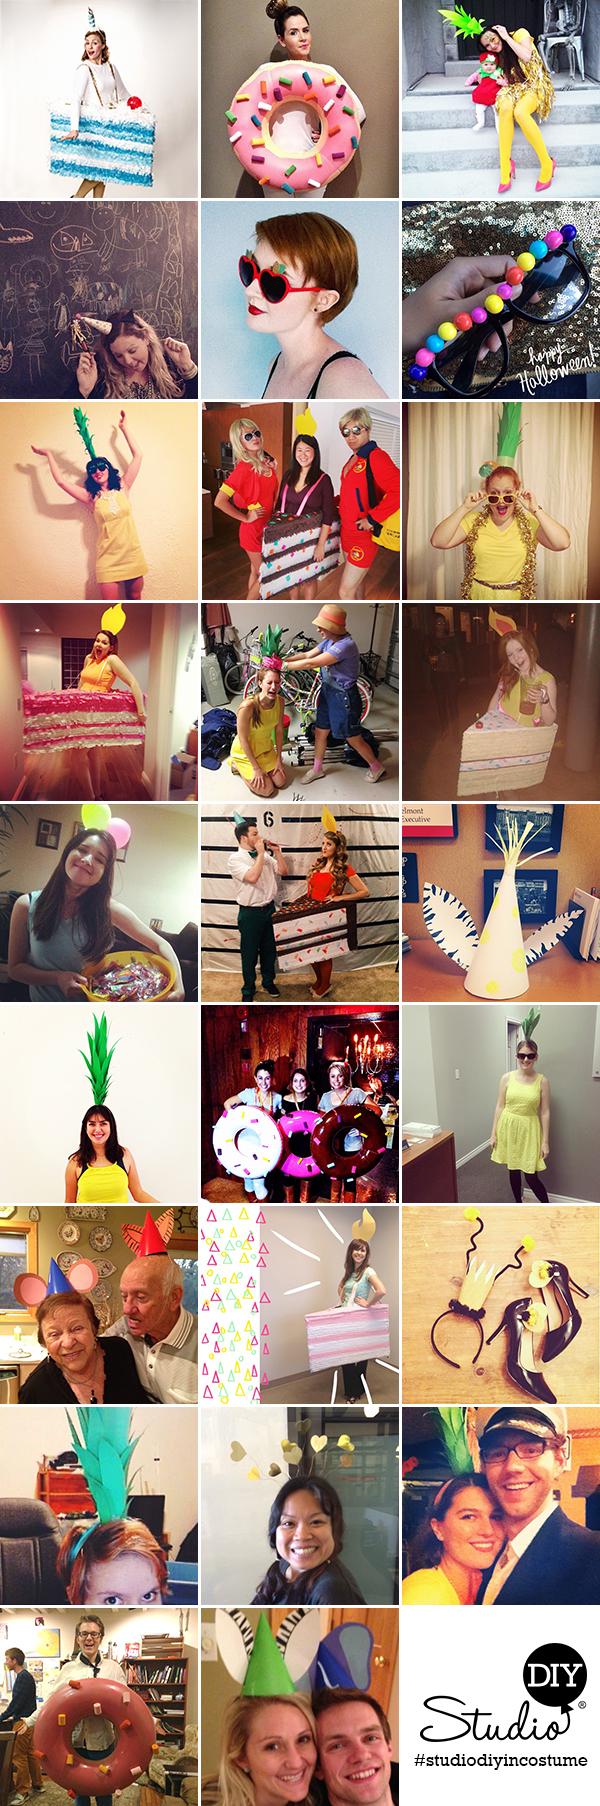 Studio DIY In Costume 2013